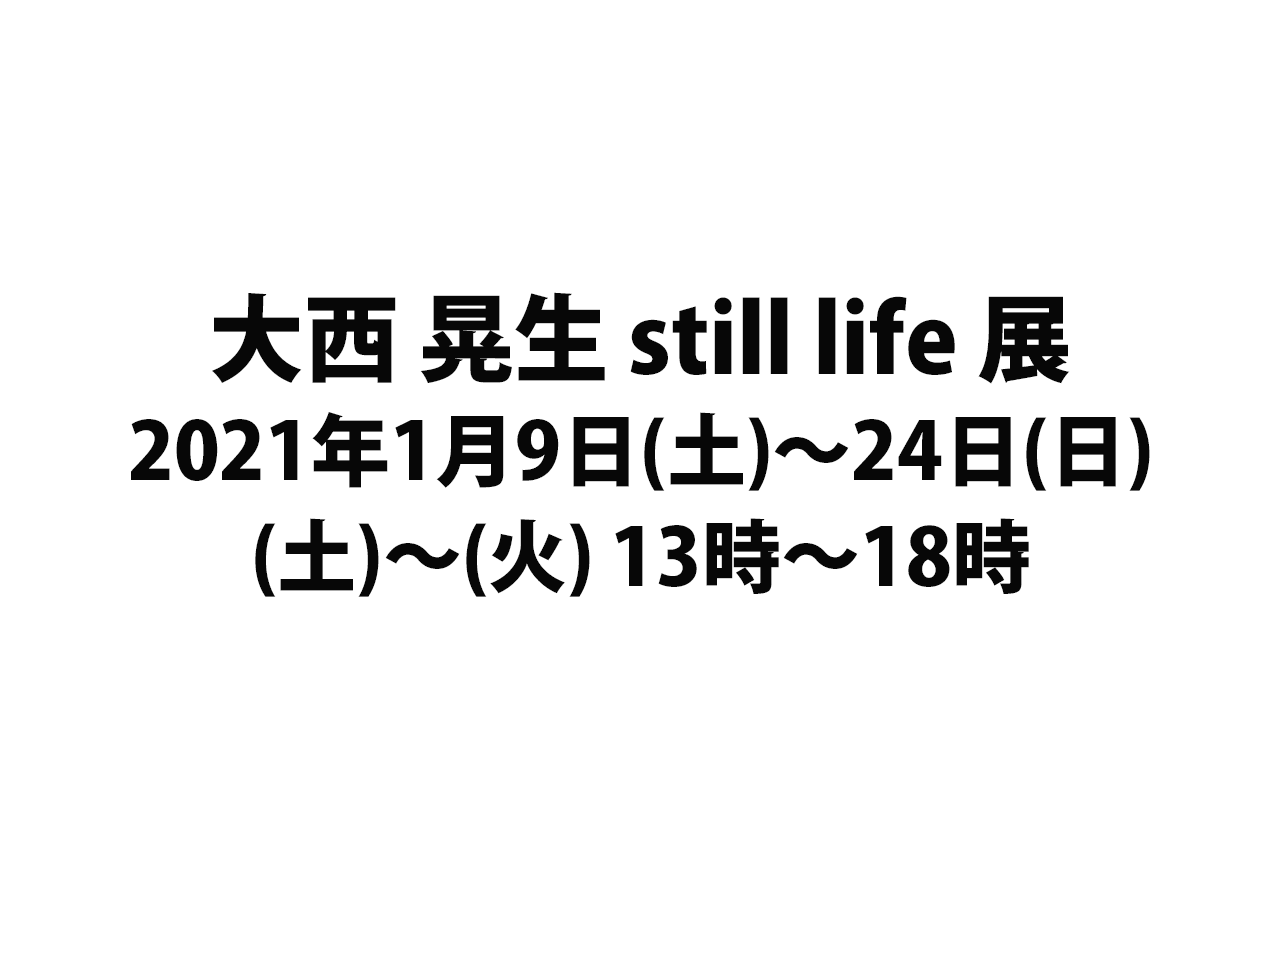 stilllife11